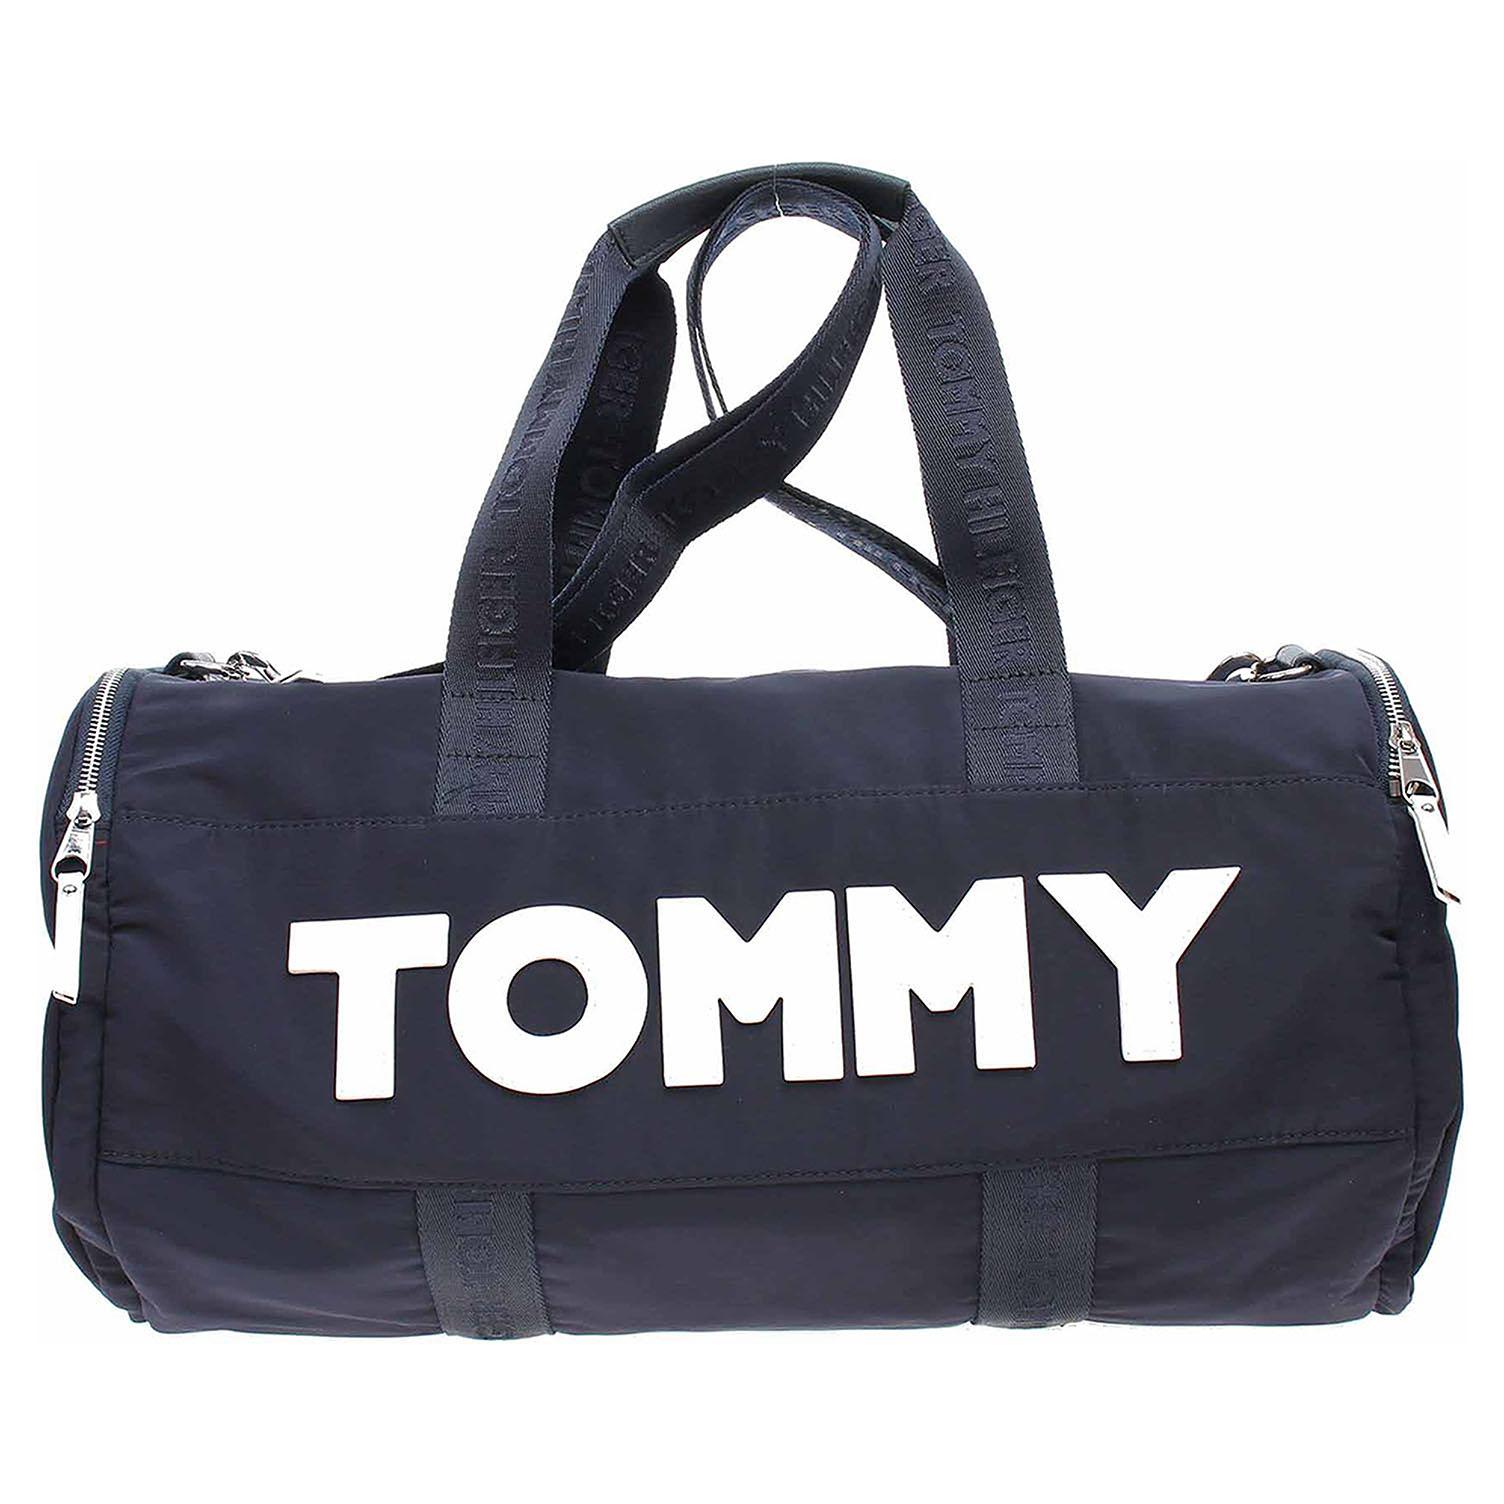 f73ab9423c Ecco Tommy Hilfiger unisex taška AW0AW04952 413 tommy navy 10701204